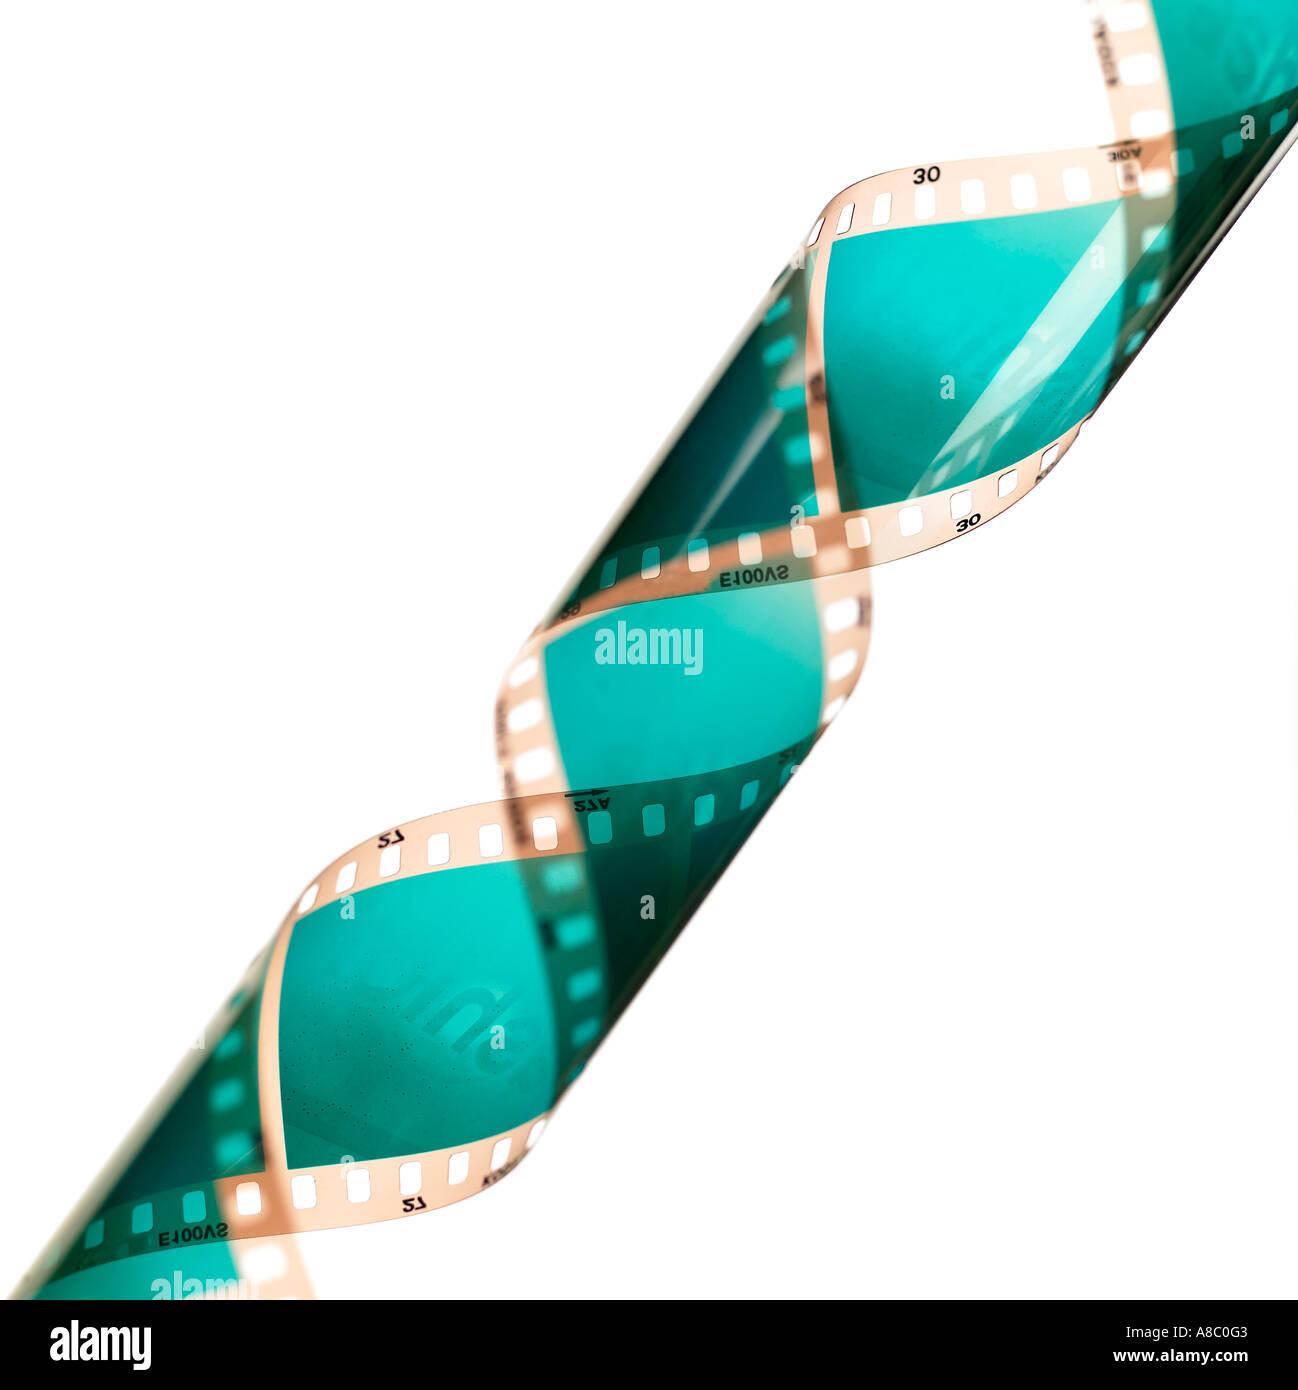 Immagine di un rotolo di pellicola cinematografica Immagini Stock